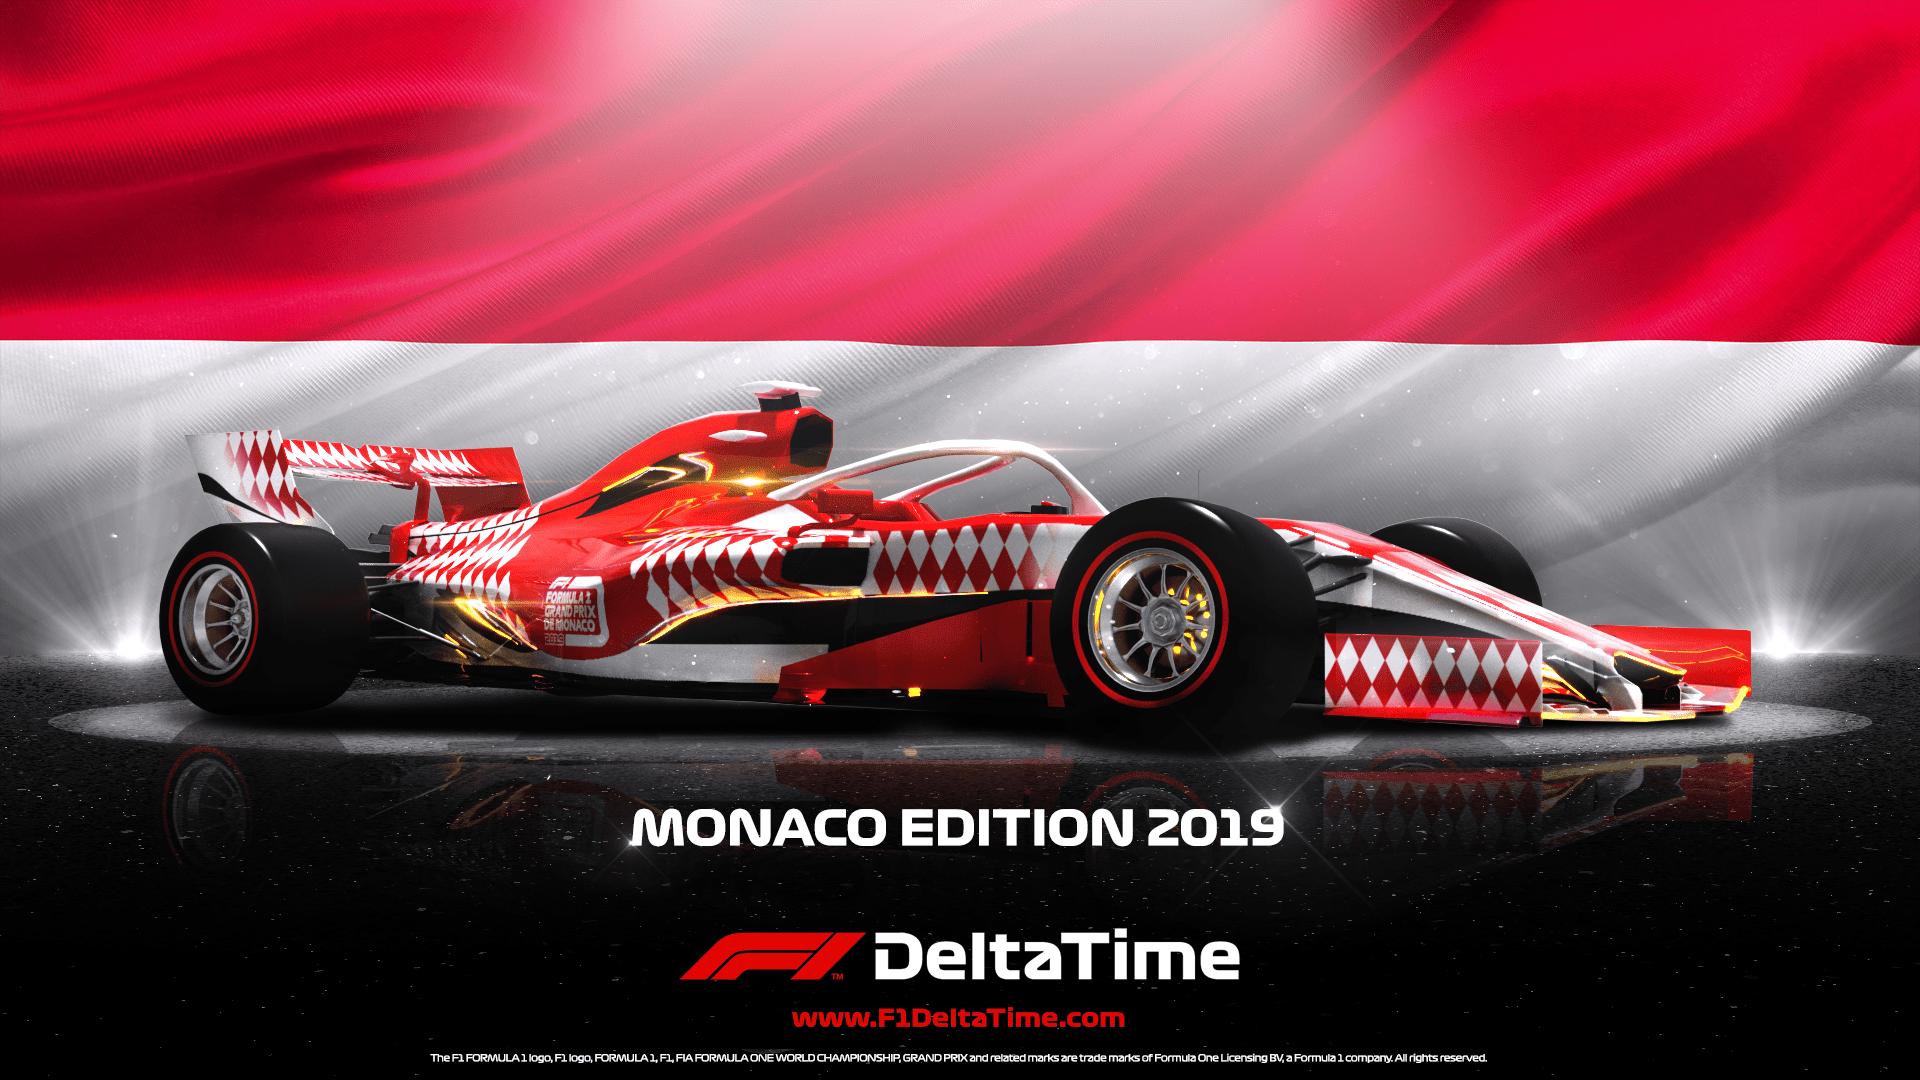 F1 grand prix monaco 2019